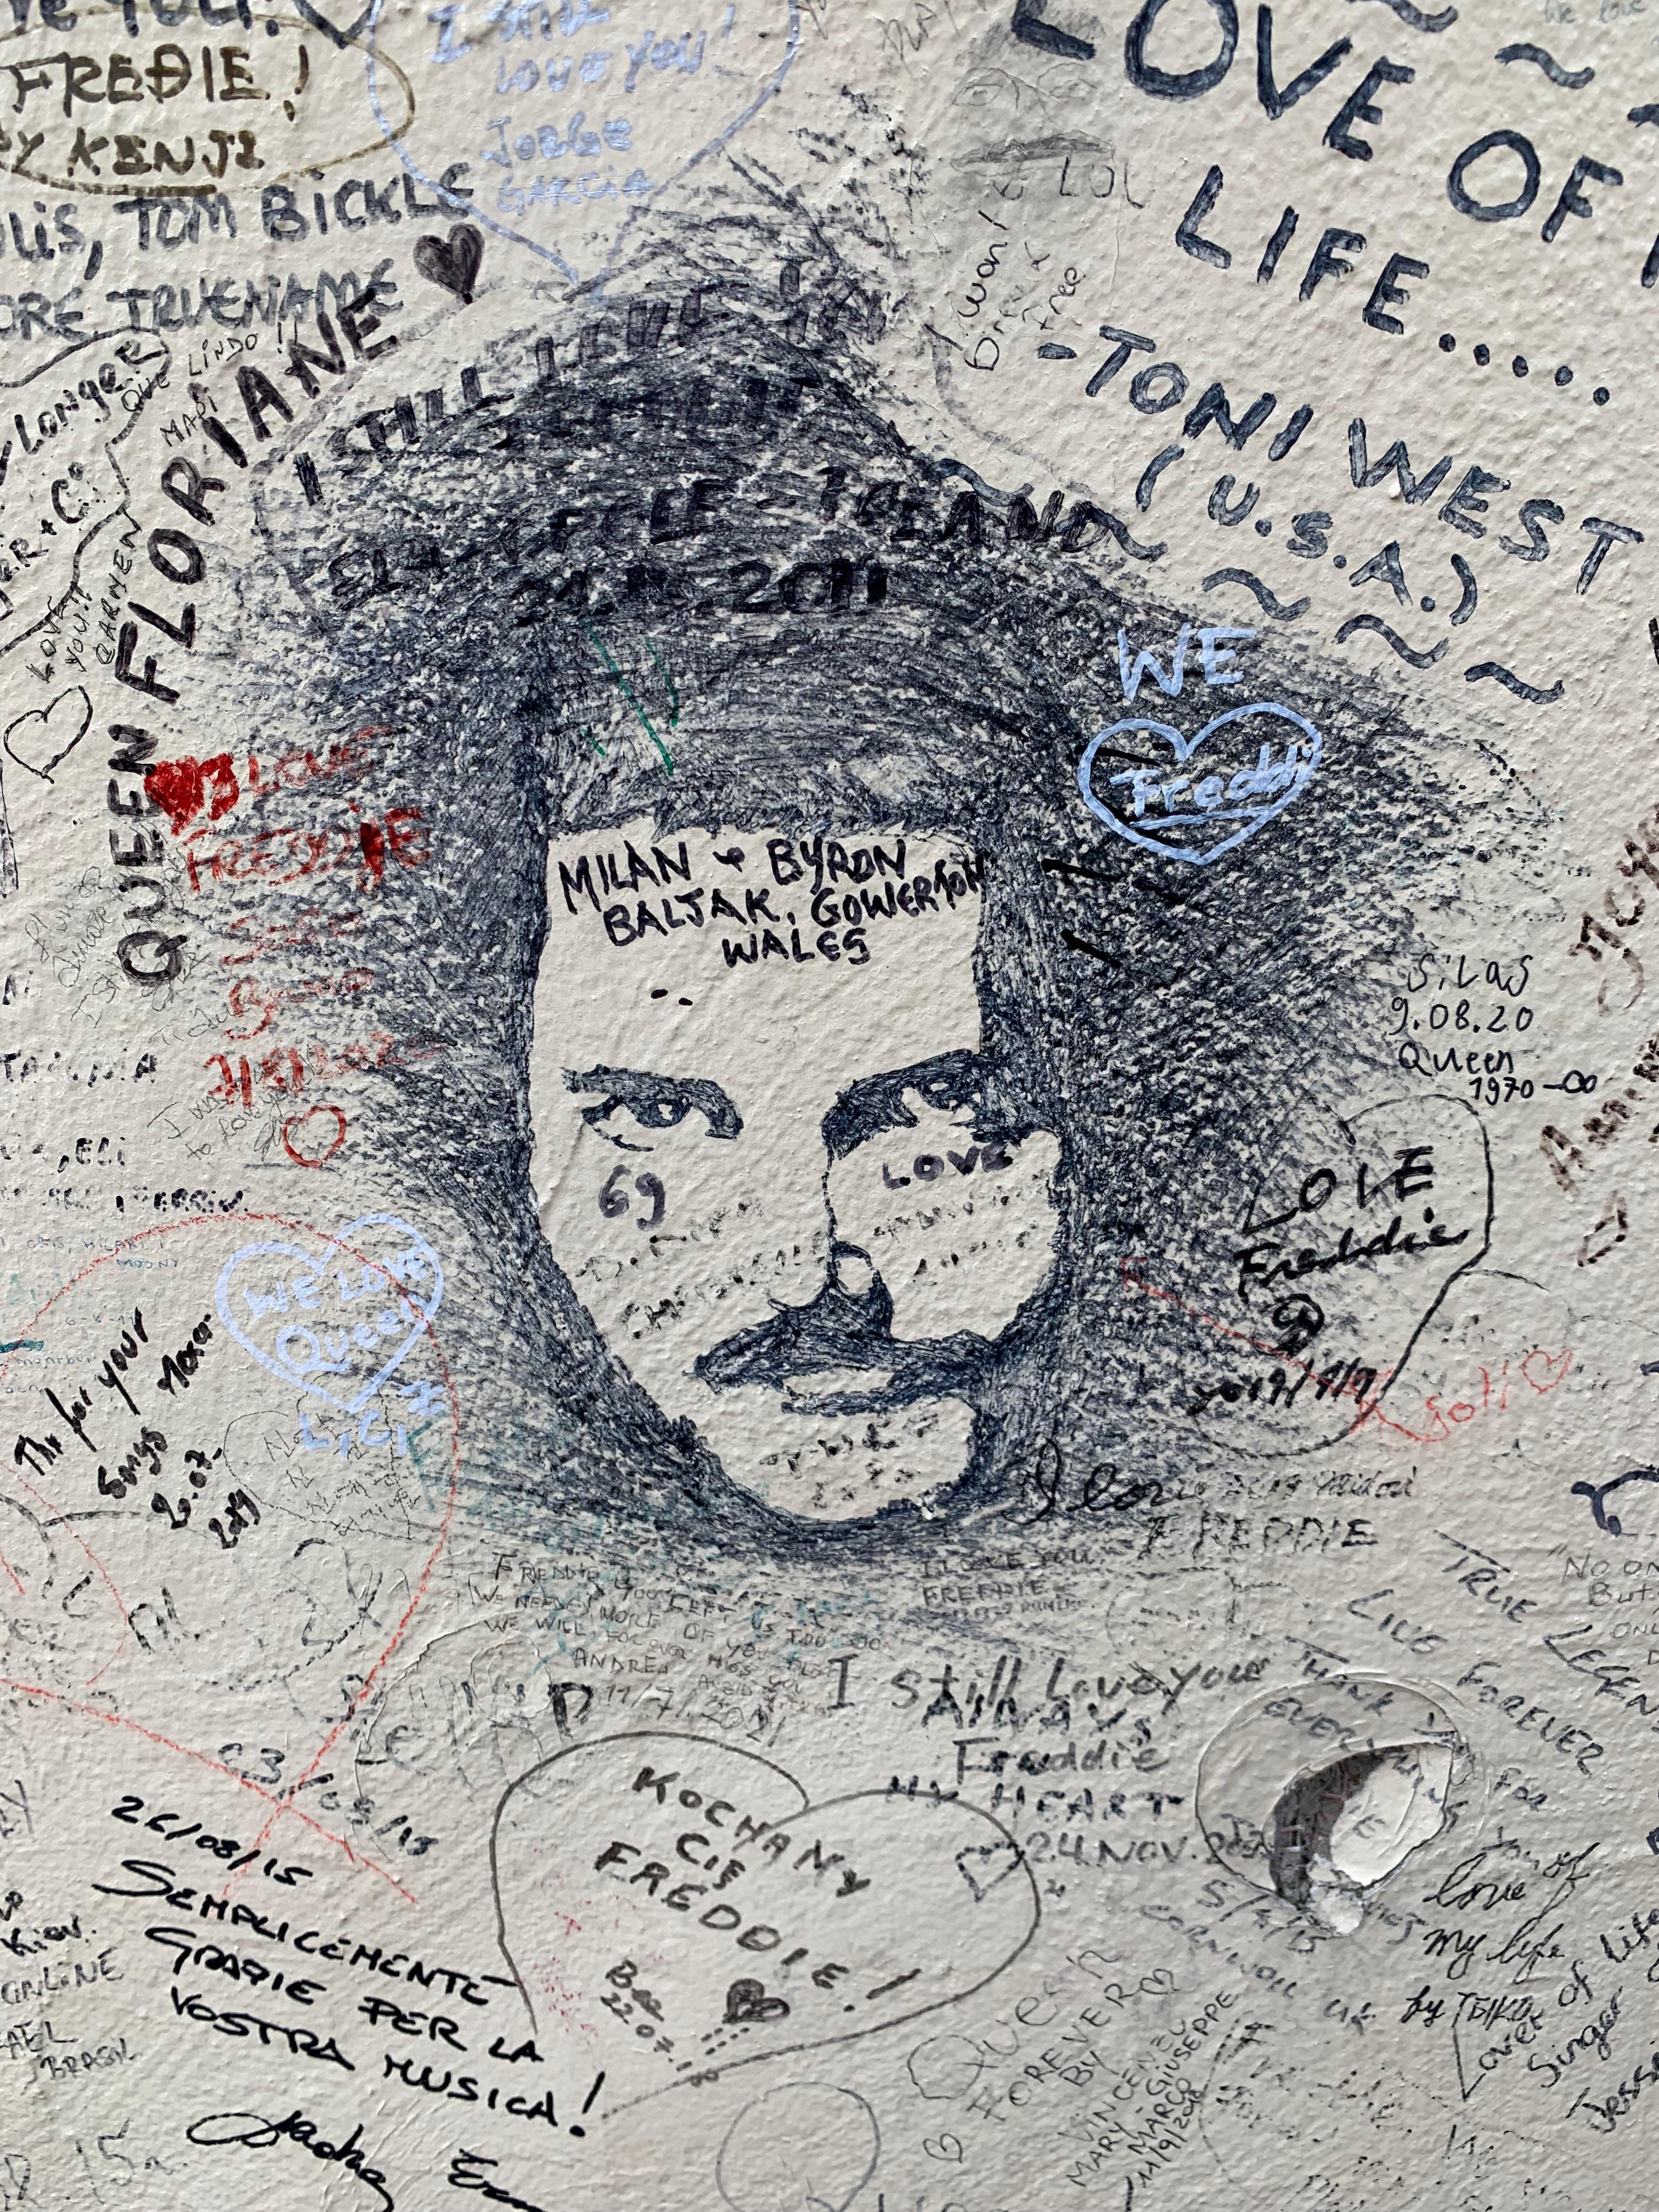 Homenagem a Freddy Mercury na parede de seu antigo estúdio